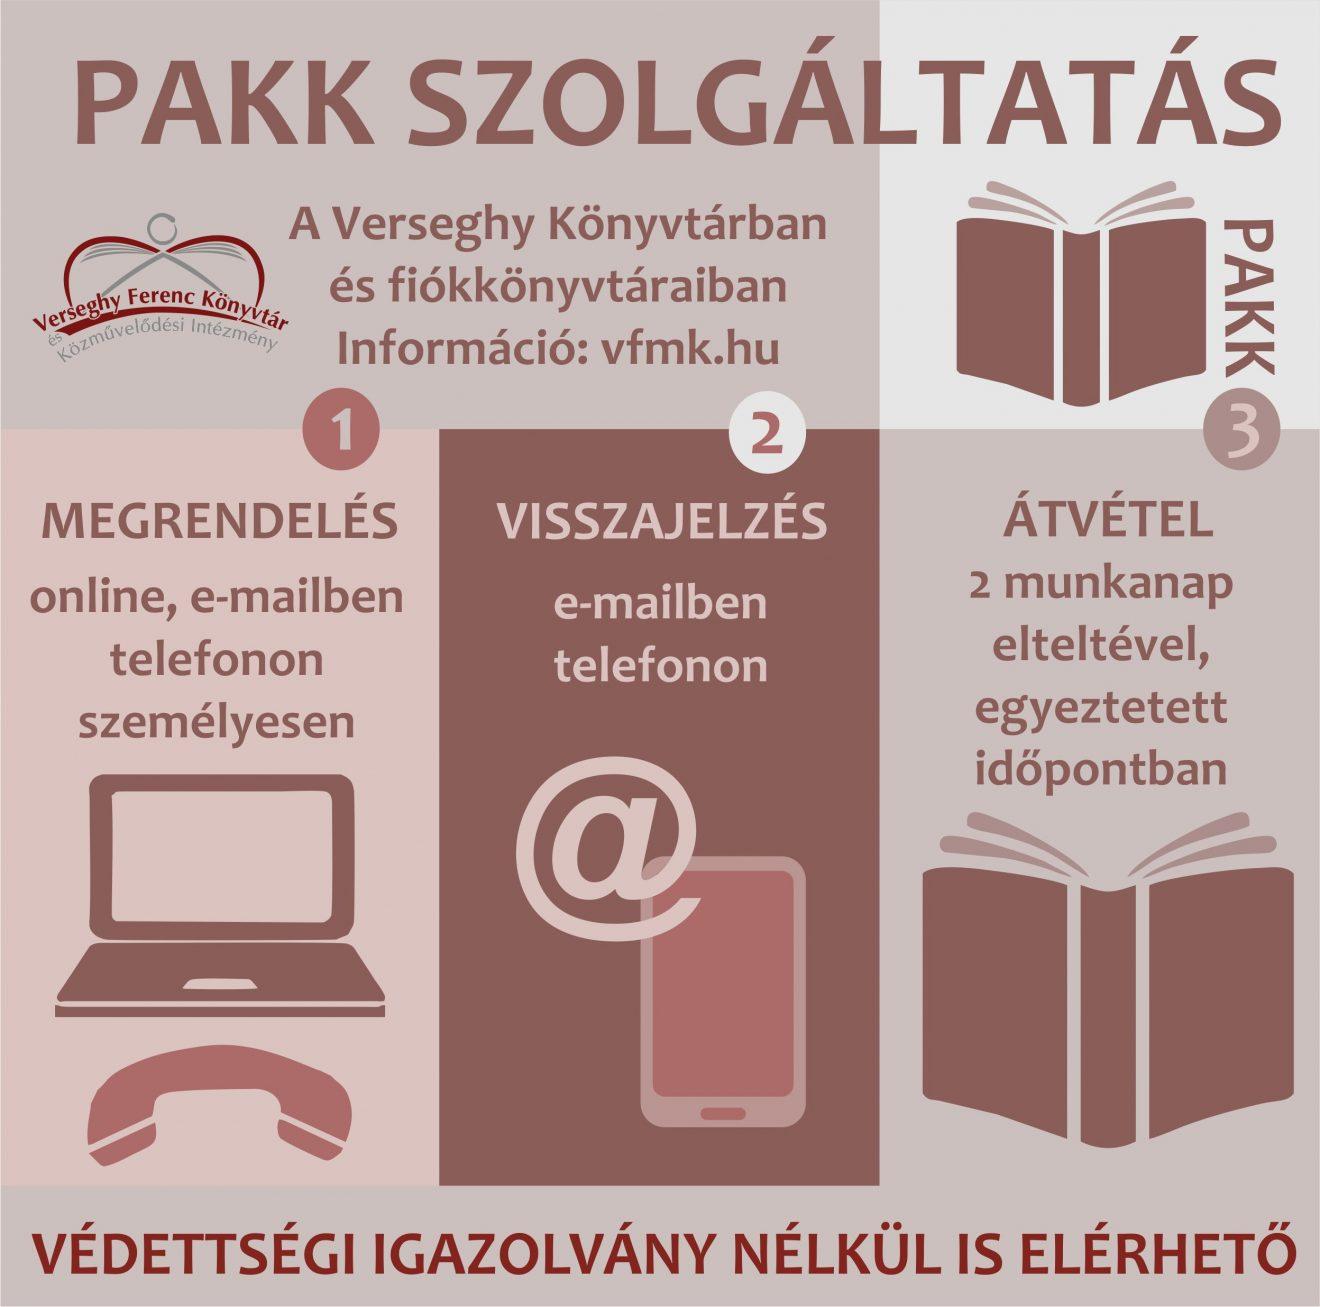 pakk_szolgaltatas